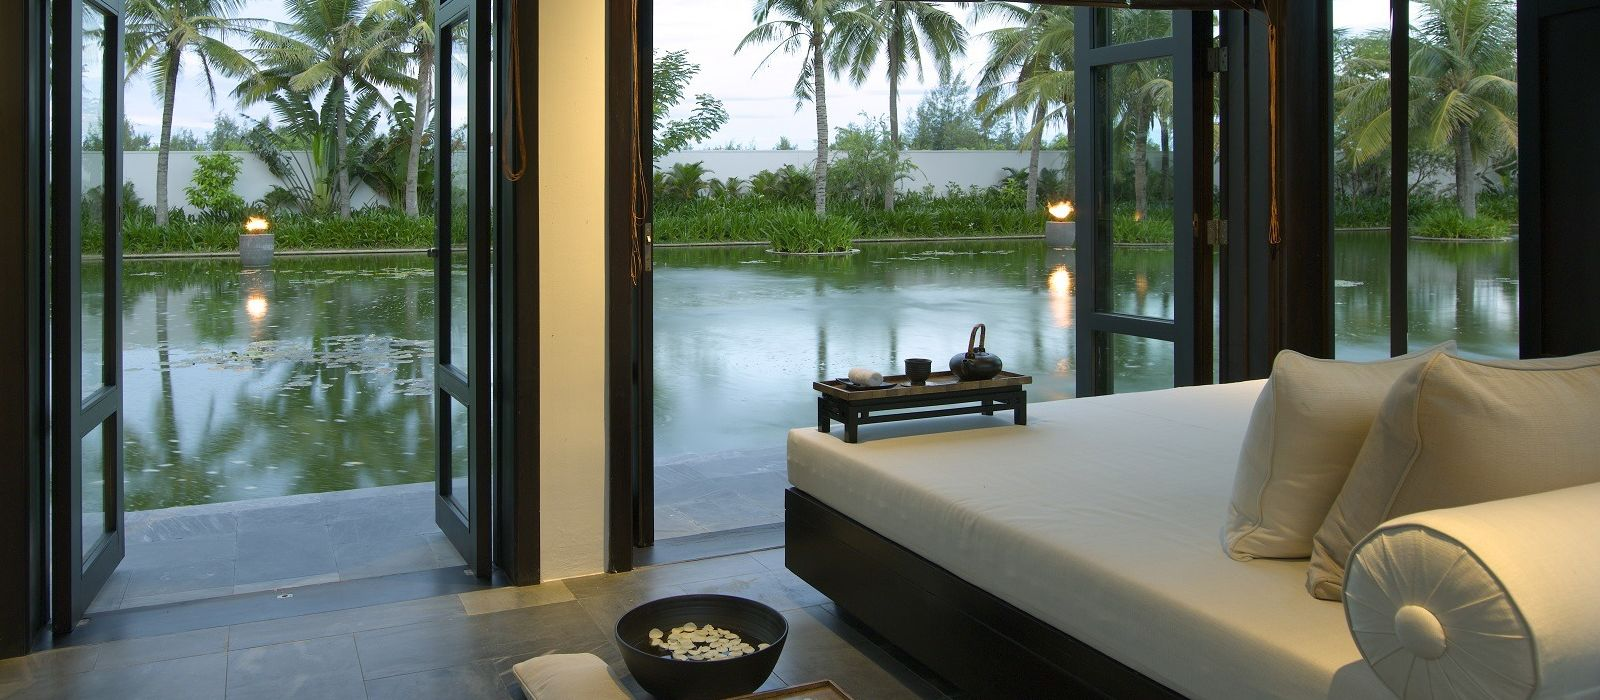 Hotel Four Seasons Resort The Nam Hai, Hoi An Vietnam